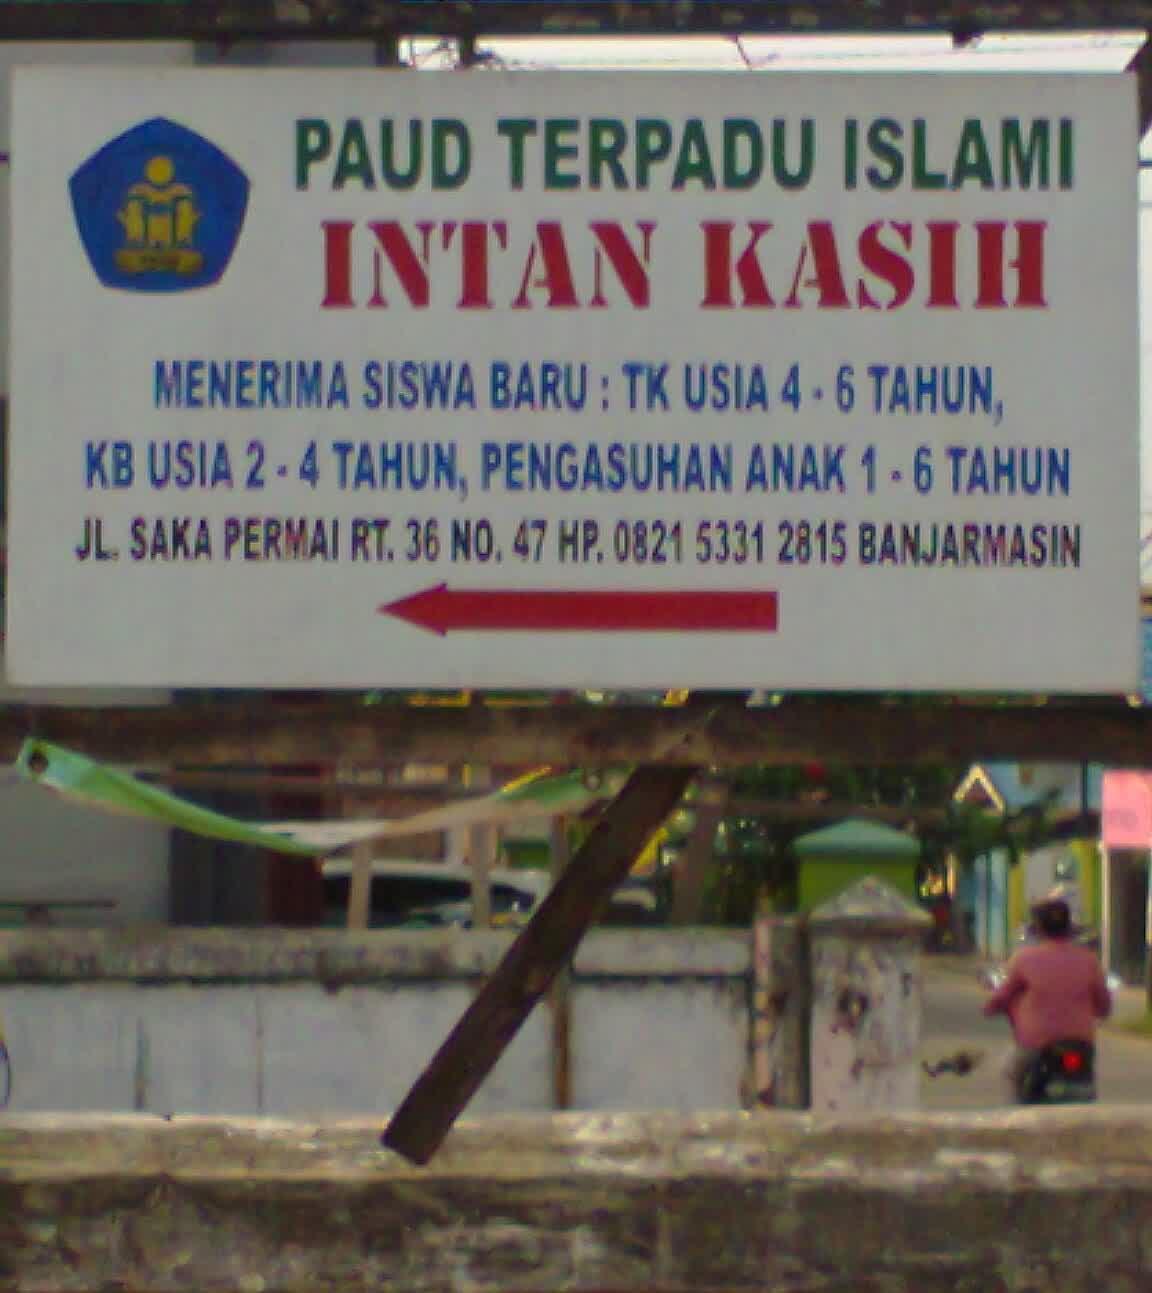 5 Contoh Papan Merek Lembaga PAUD TK KB TPA SPS - PAUD JATENG